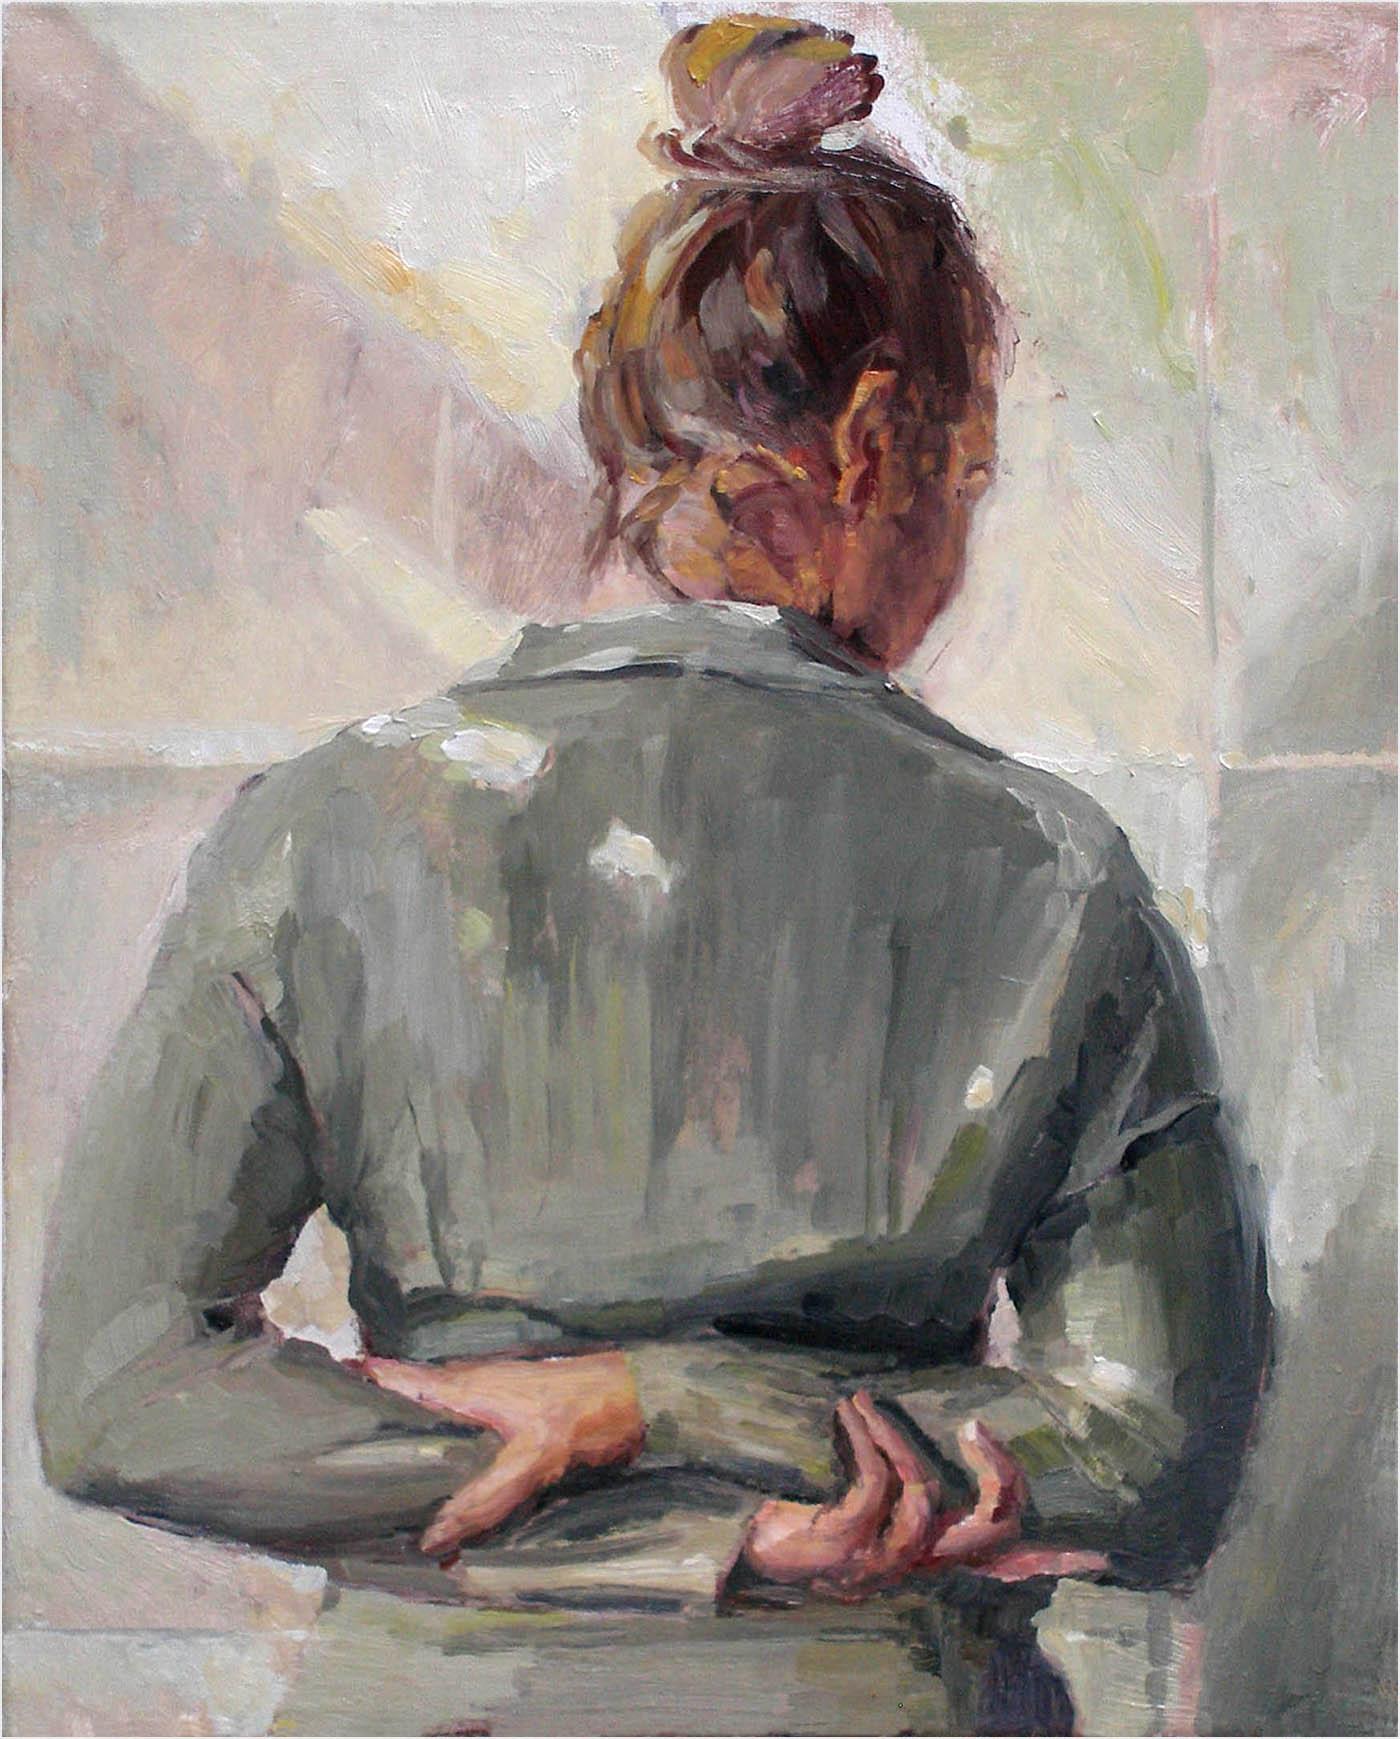 Modell, 50 x 40 cm, Öl/Lwd., 2018